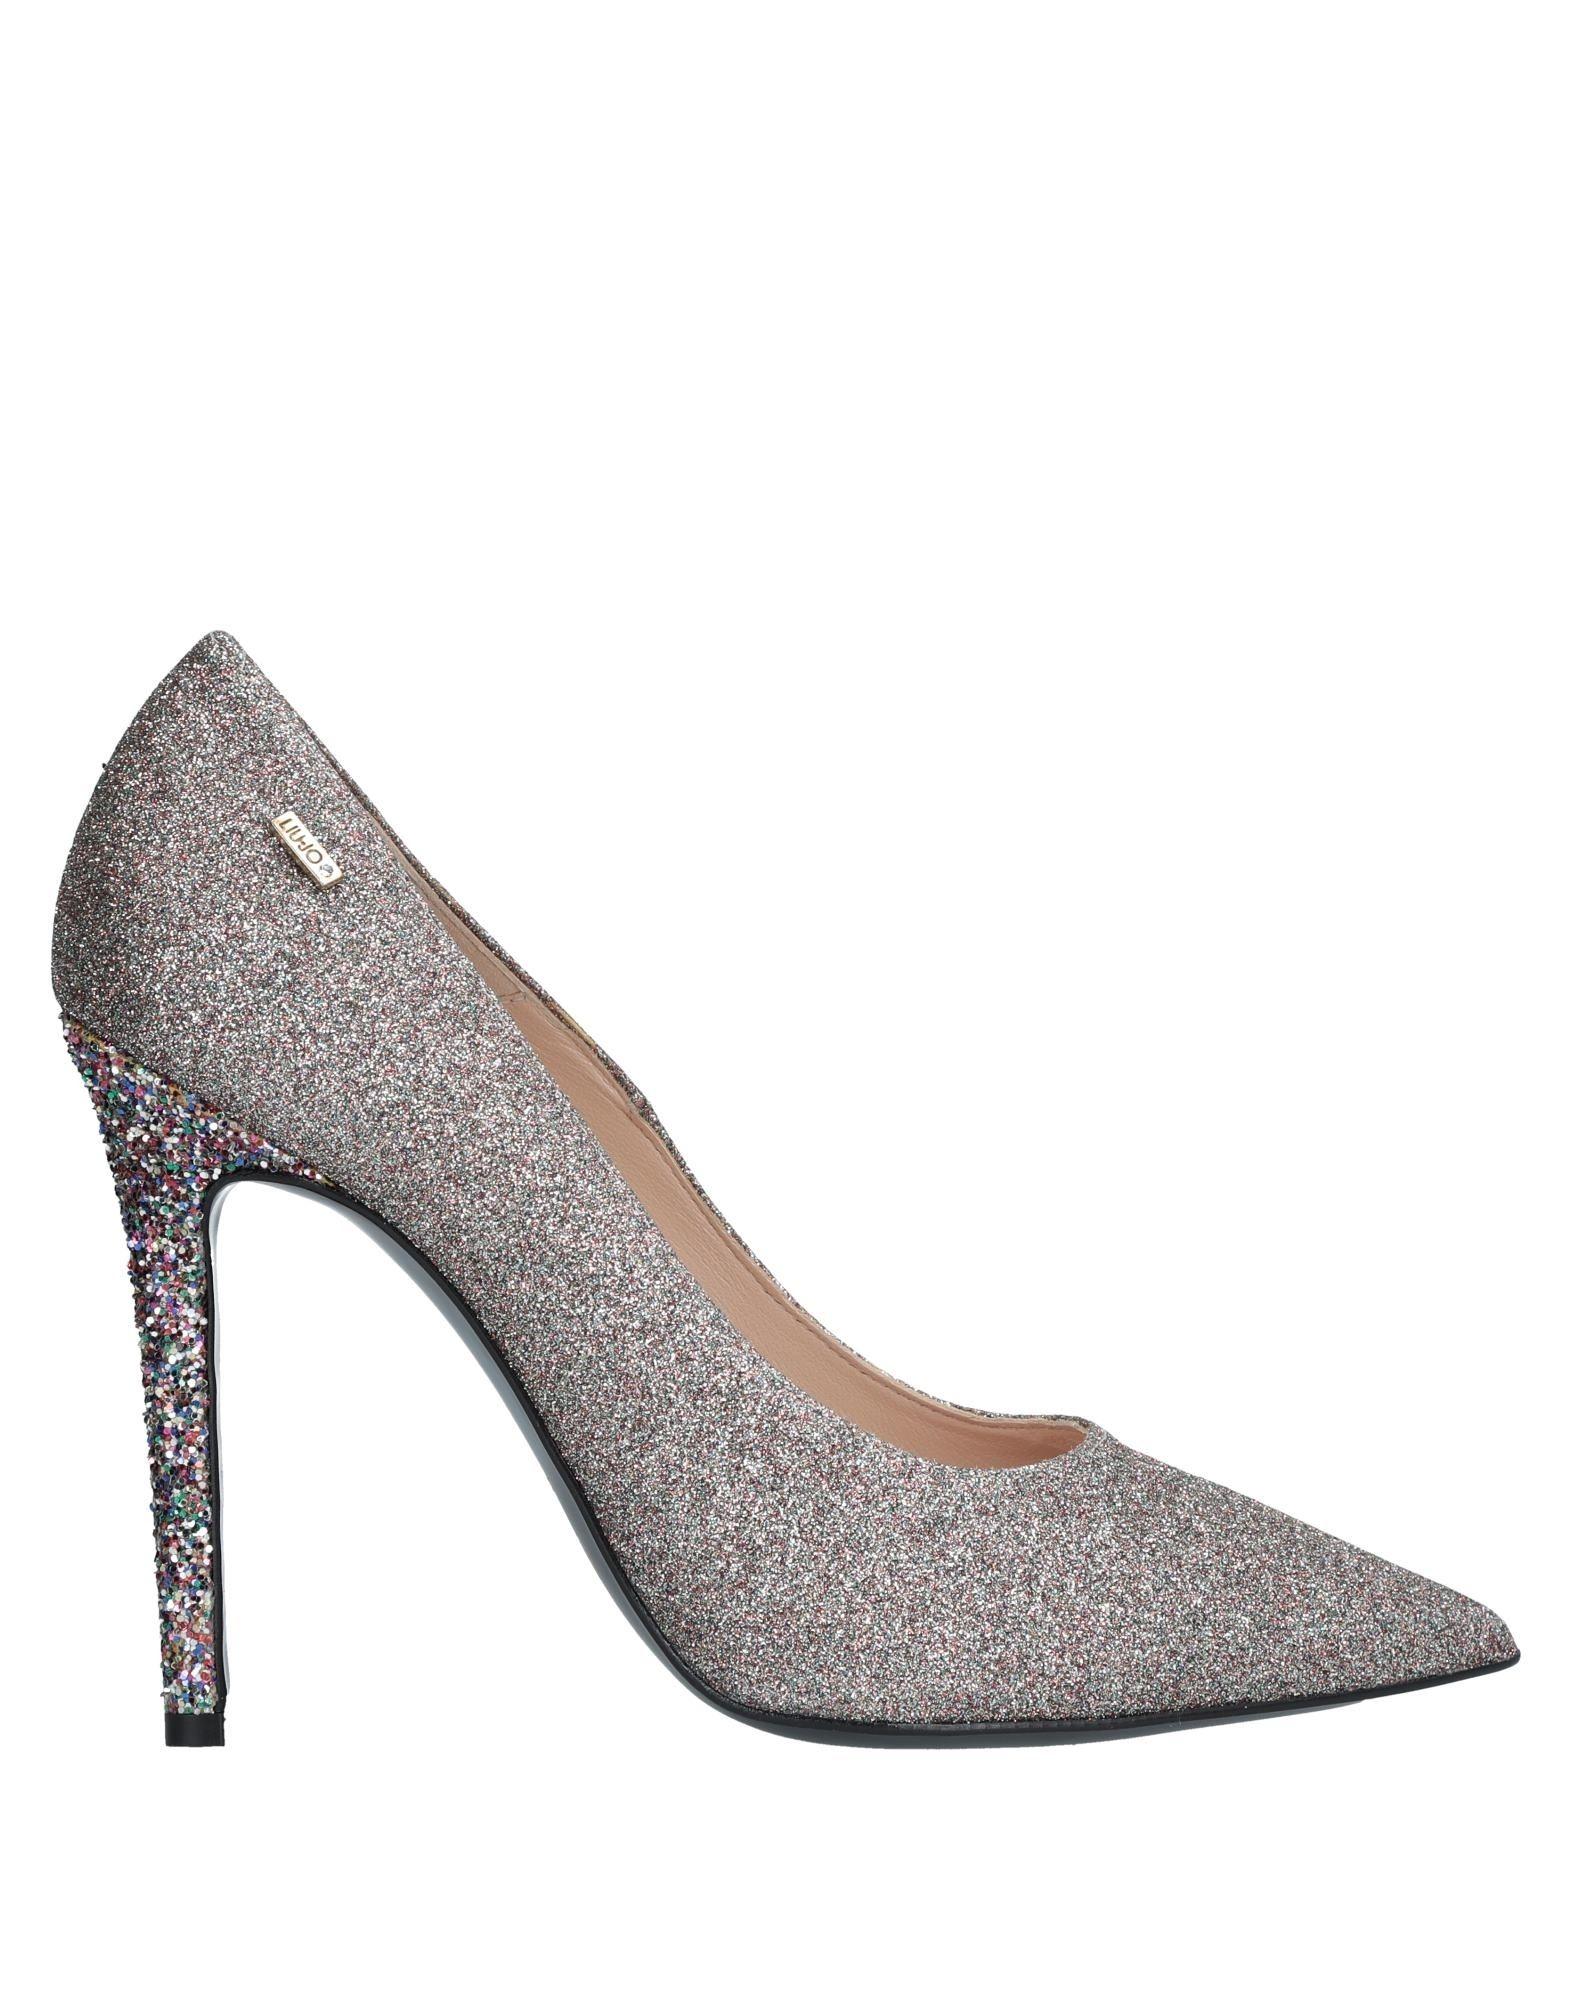 Zapatos de zapatos mujer baratos zapatos de de mujer Zapato De Salón Liu •Jo Mujer - Salones Liu •Jo  Rojo fa5bbf